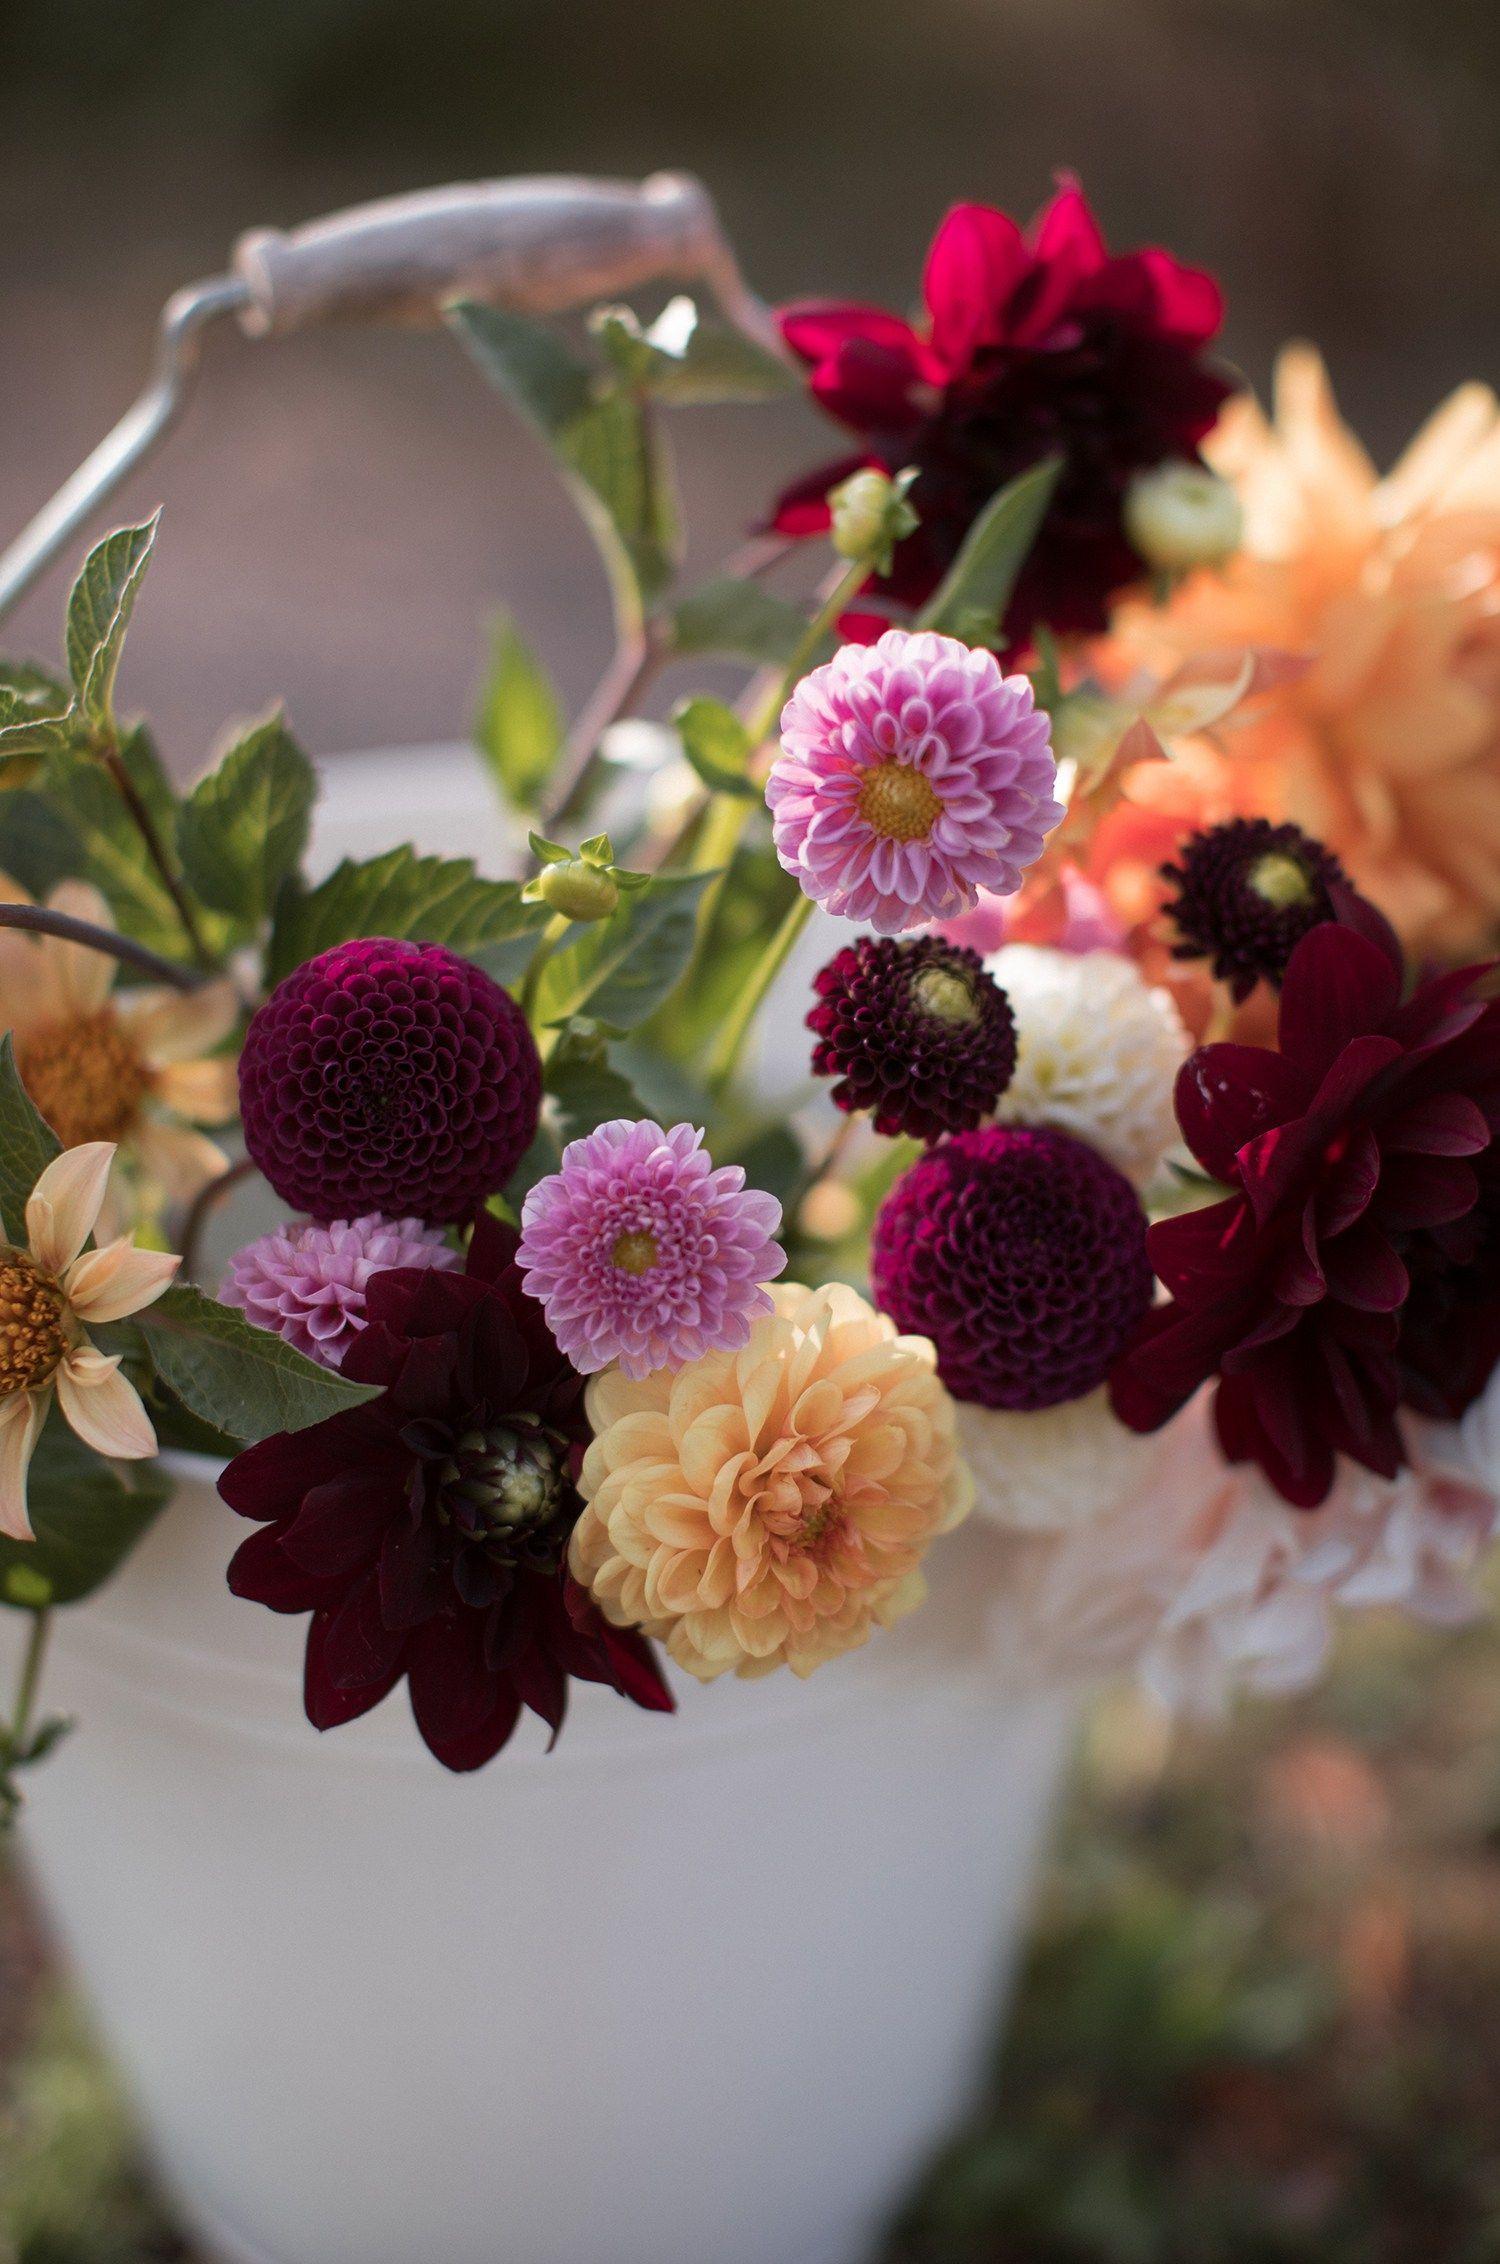 8q0a6164 Cvety Cvetochnye Kompozicii Floristika